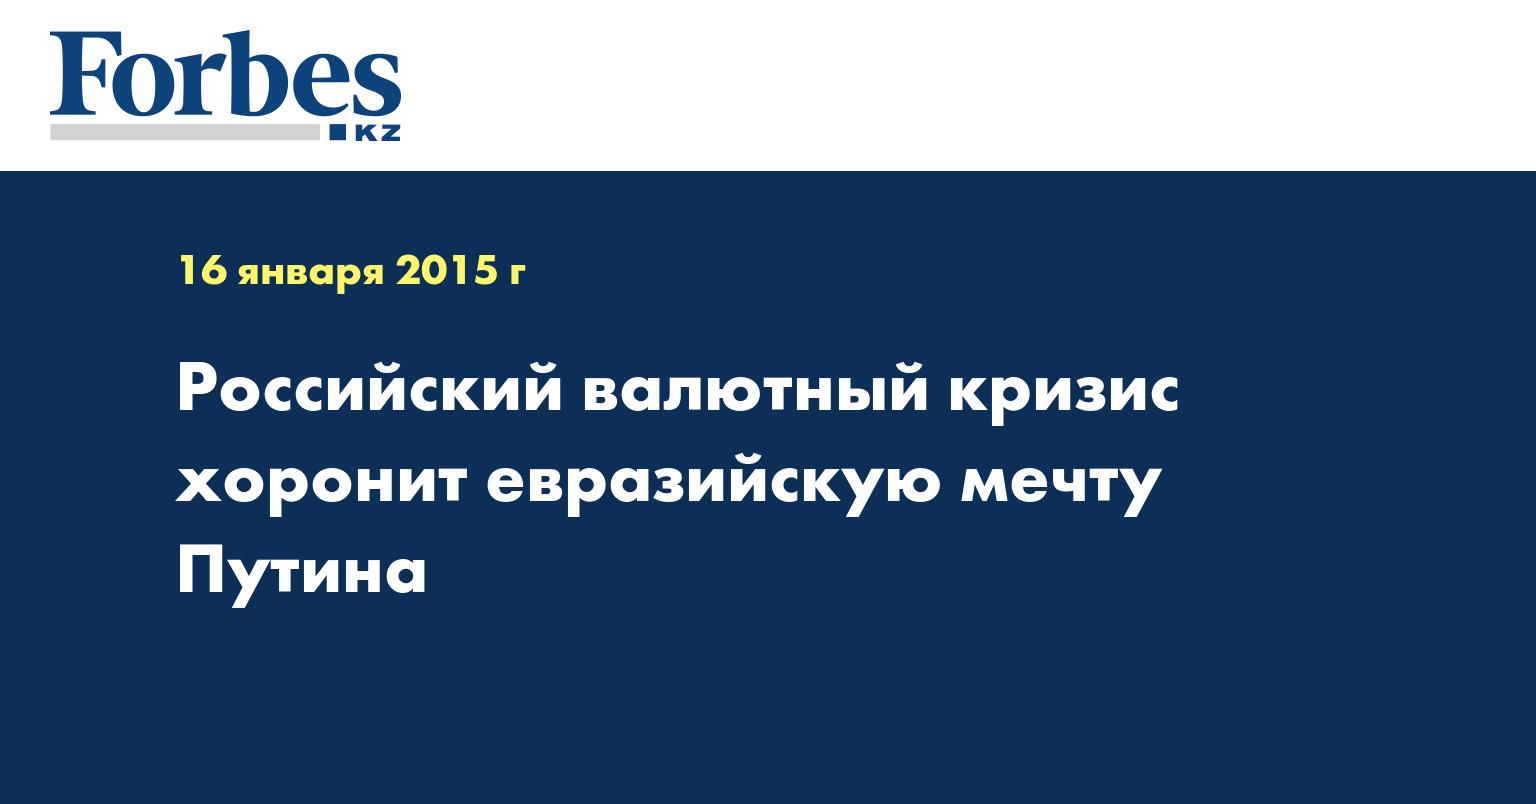 Российский валютный кризис хоронит евразийскую мечту Путина